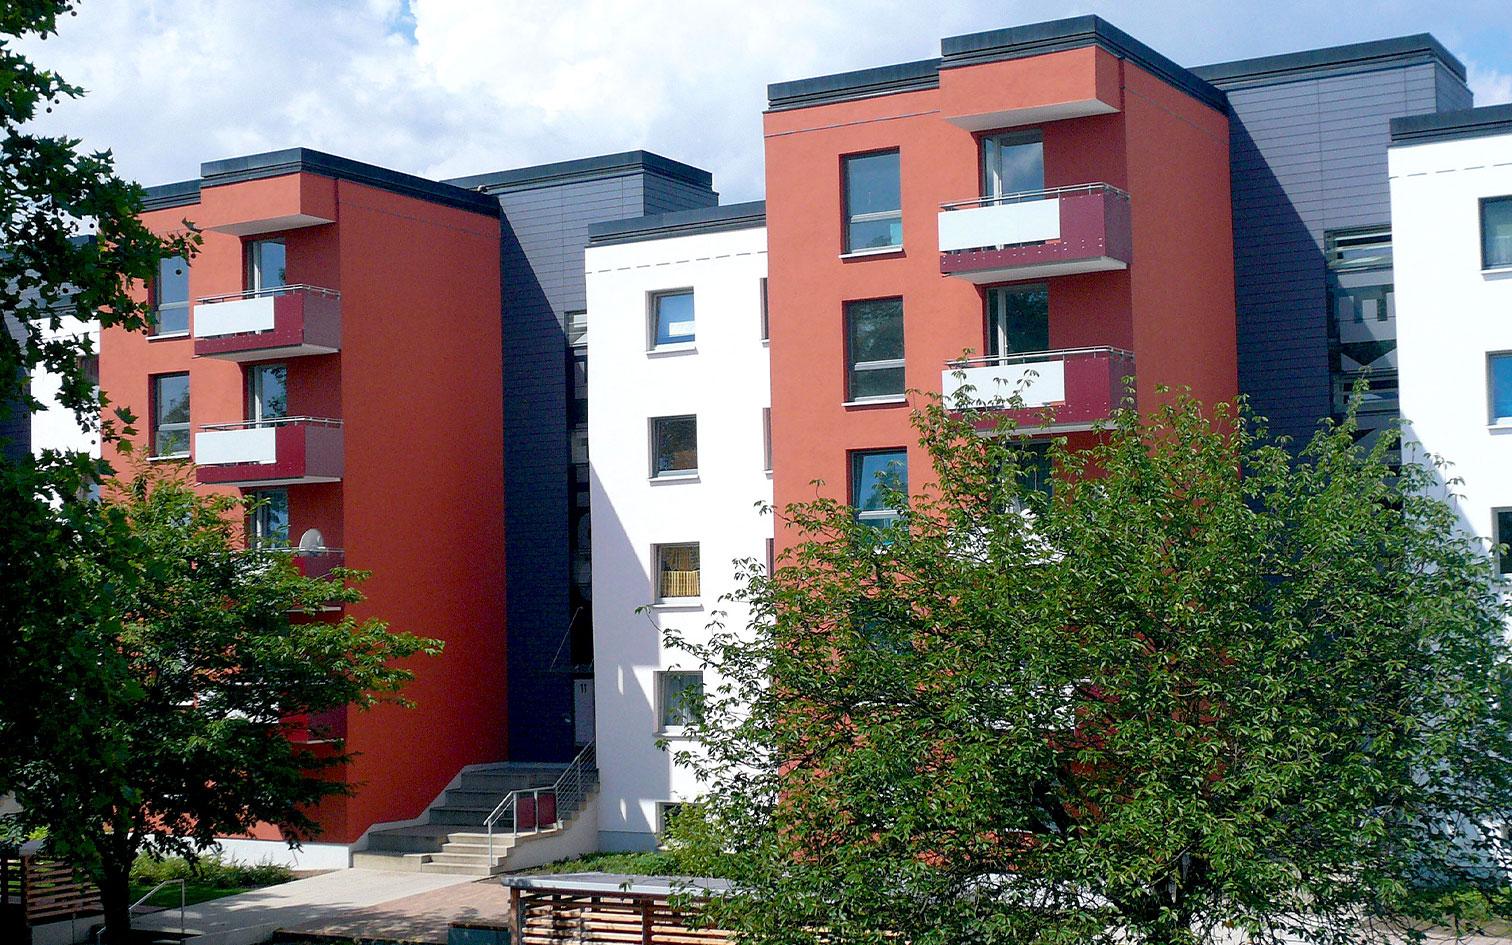 Salzgitter-Freudenberg, Kurt-Schuhmacher-Ring, Komplettsanierung von 60 WE, MACON Bau GmbH Magdeburg